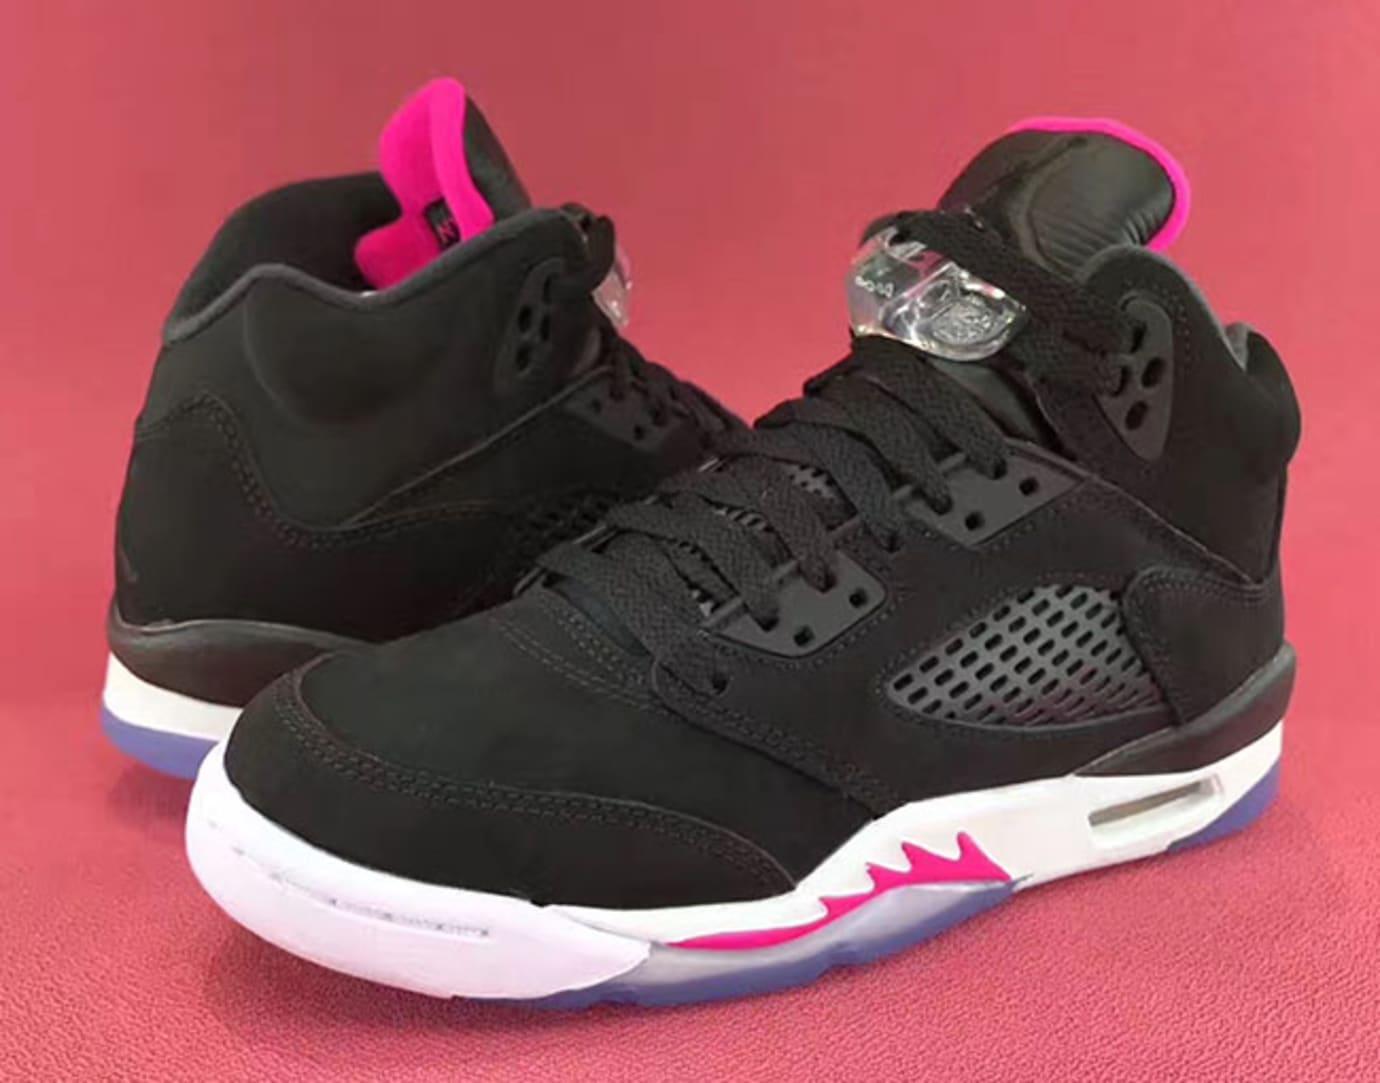 b4214e5caf6039 Air Jordan 5 GS Deadly Pink Release Date Left Heel 440892-029